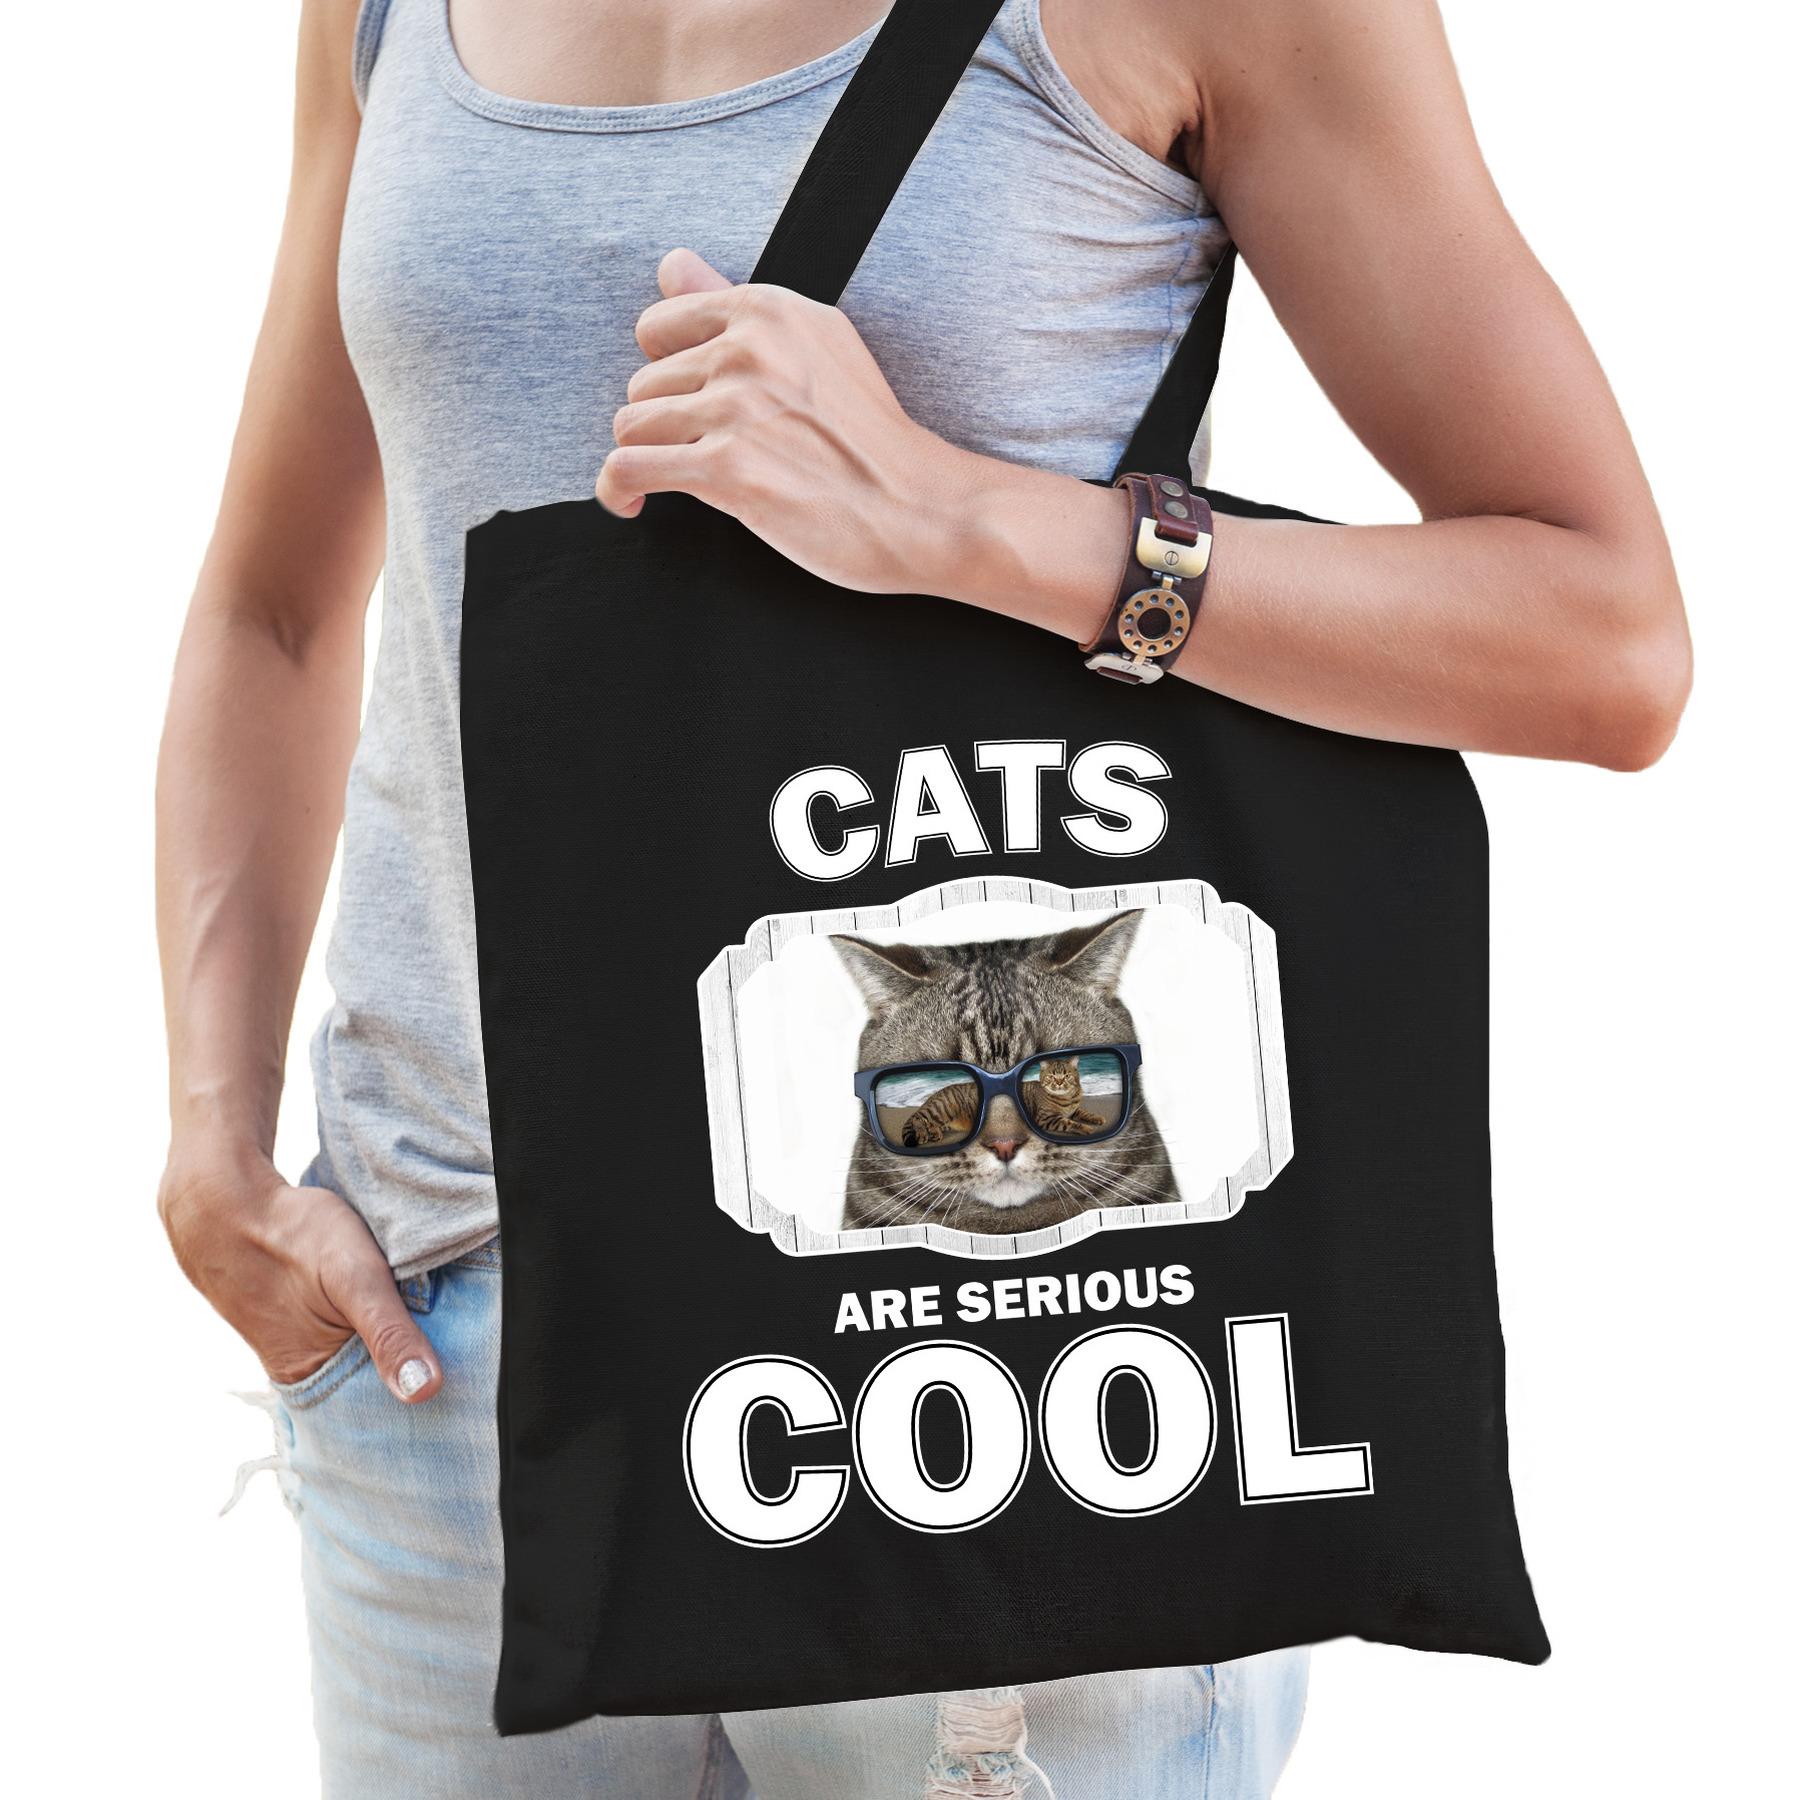 Katoenen tasje cats are serious cool zwart - katten/ coole poes cadeau tas